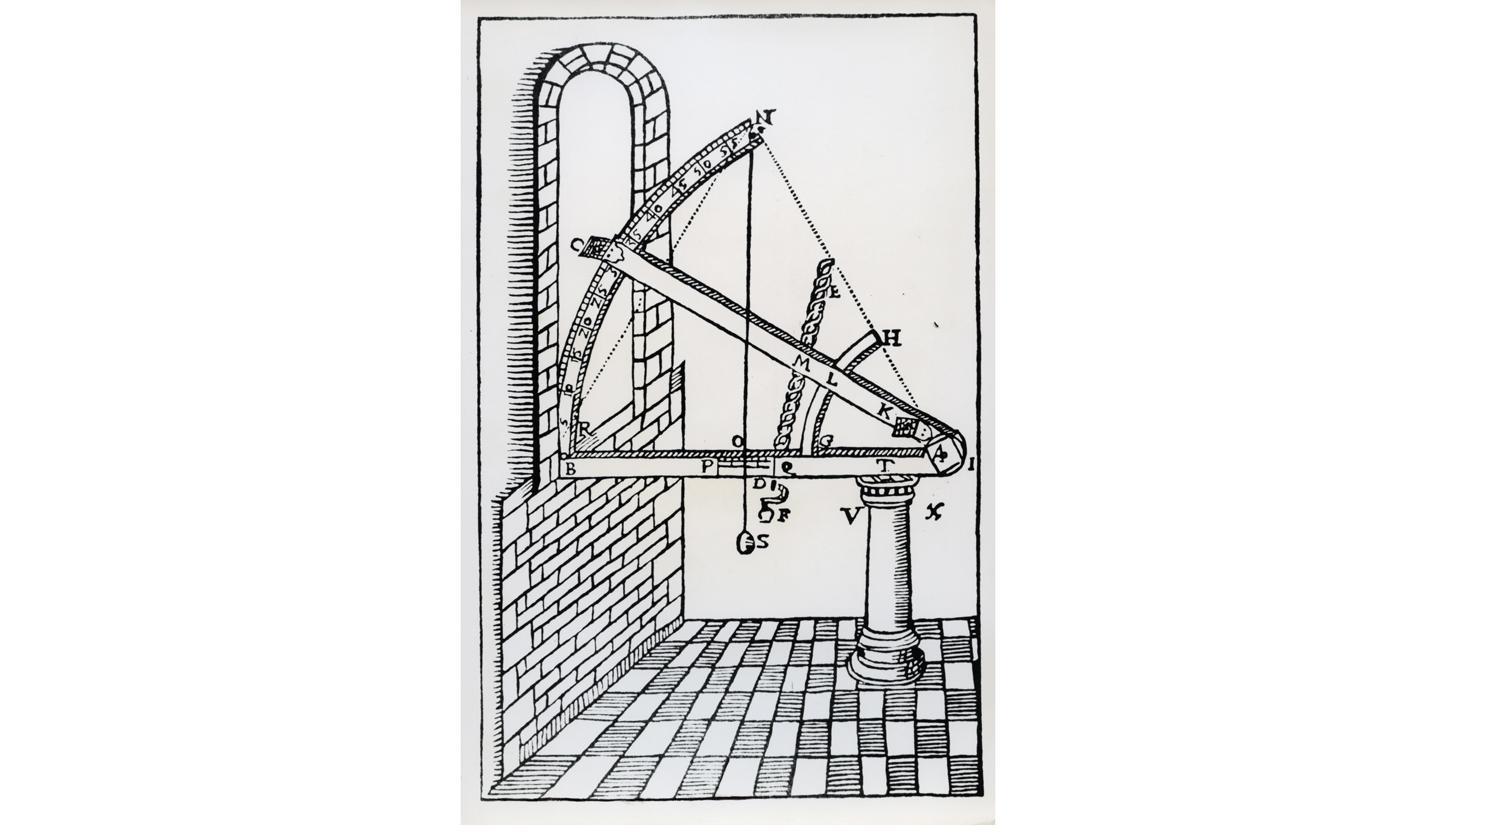 """Sextant aus Holz zur Sternenbeobachtung, Abbildung aus """"Astronomiae instaurate mechanica"""" von Tycho Brahe"""